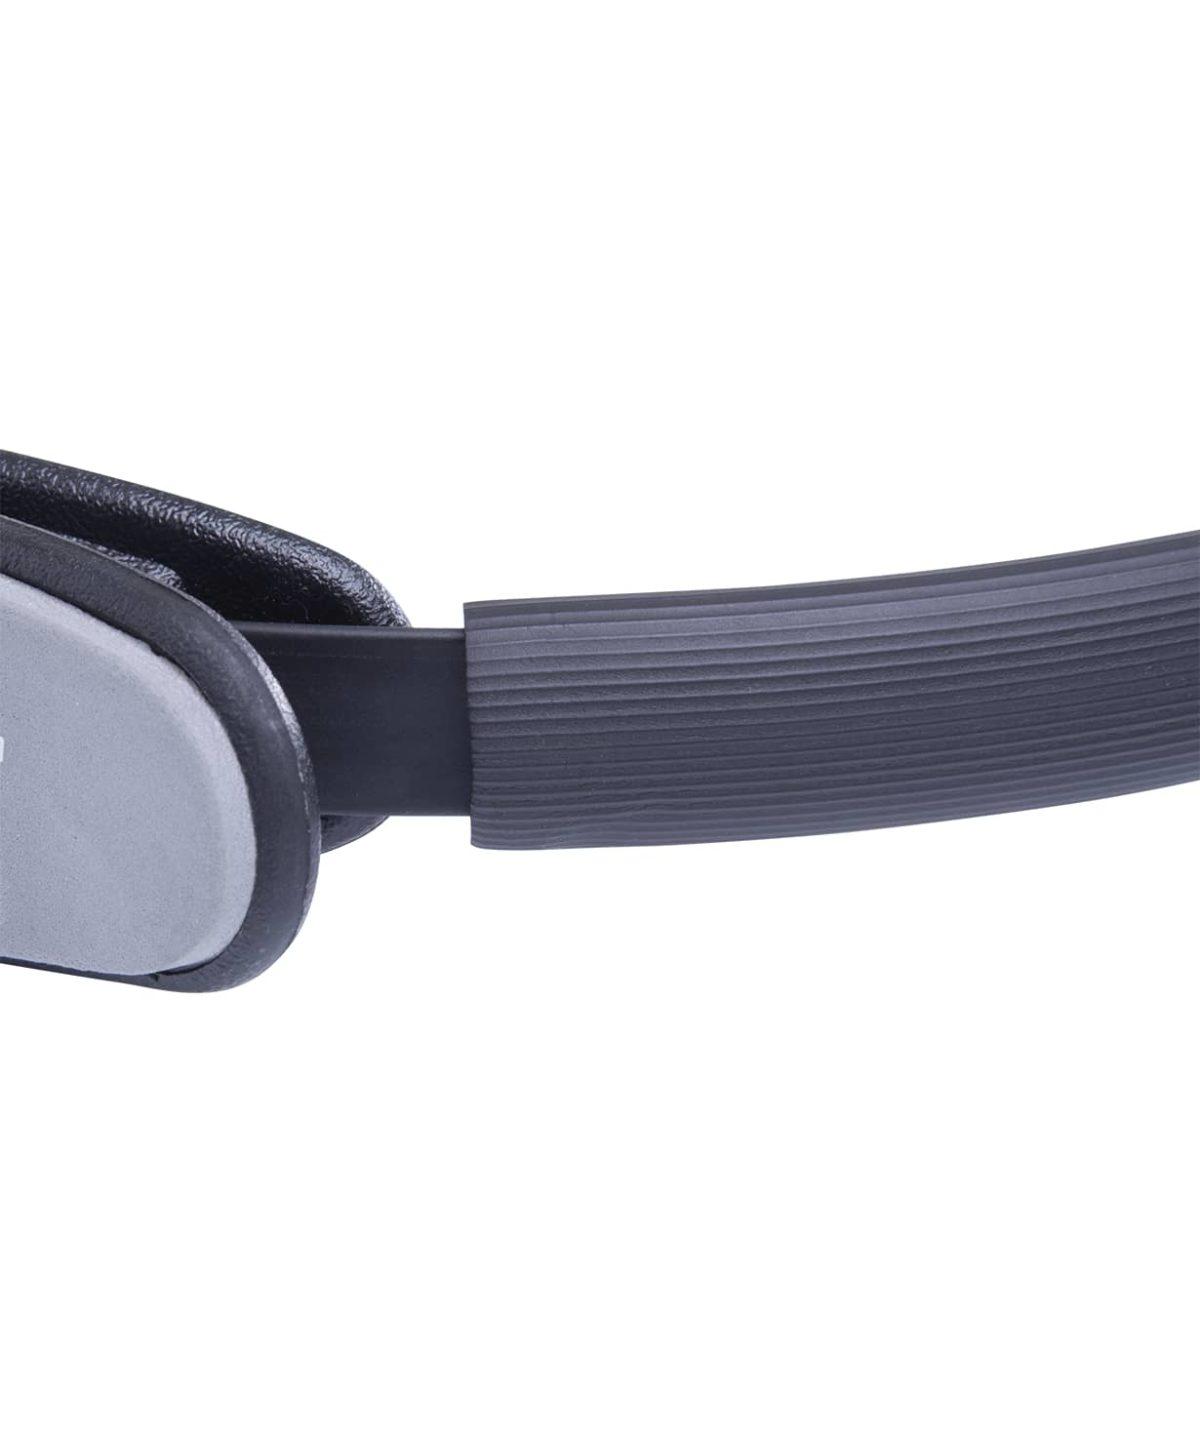 STARFIT Кольцо для пилатеса  FA-0402: чёрный - 4